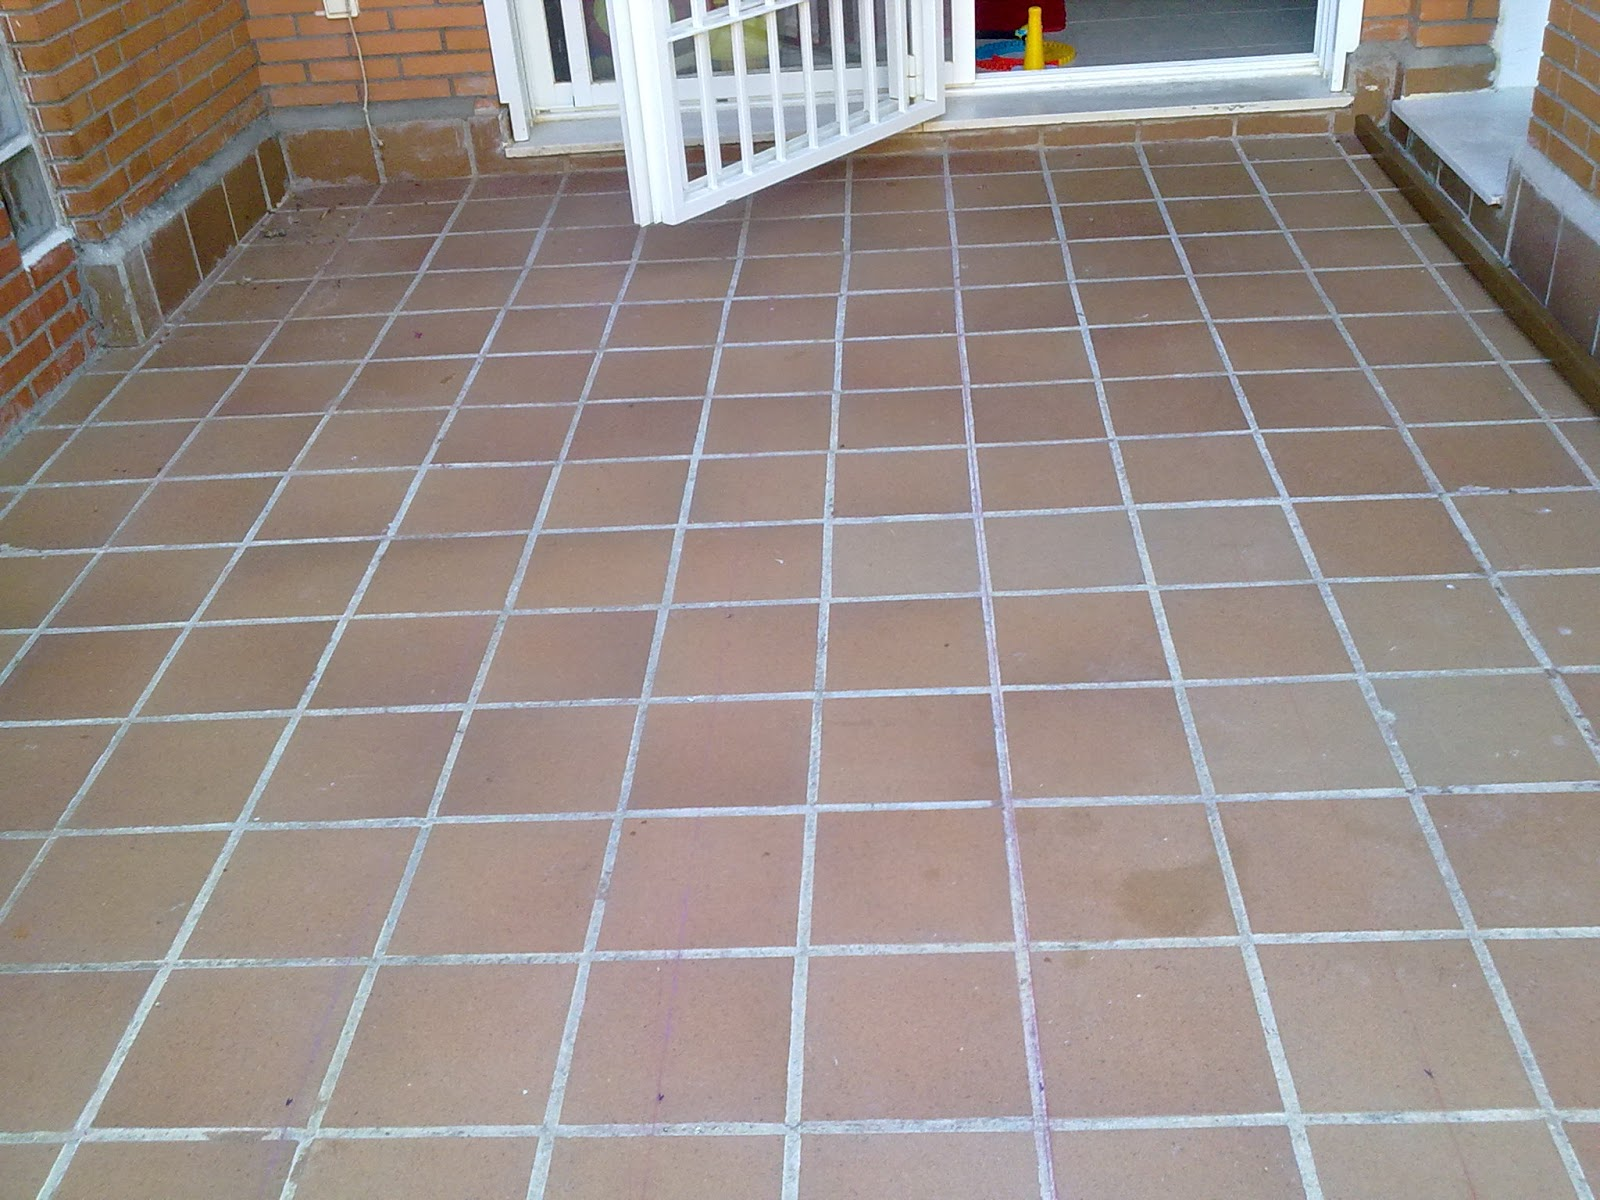 Miguel garcia carpintero suelo de composite en terraza for Suelo composite exterior